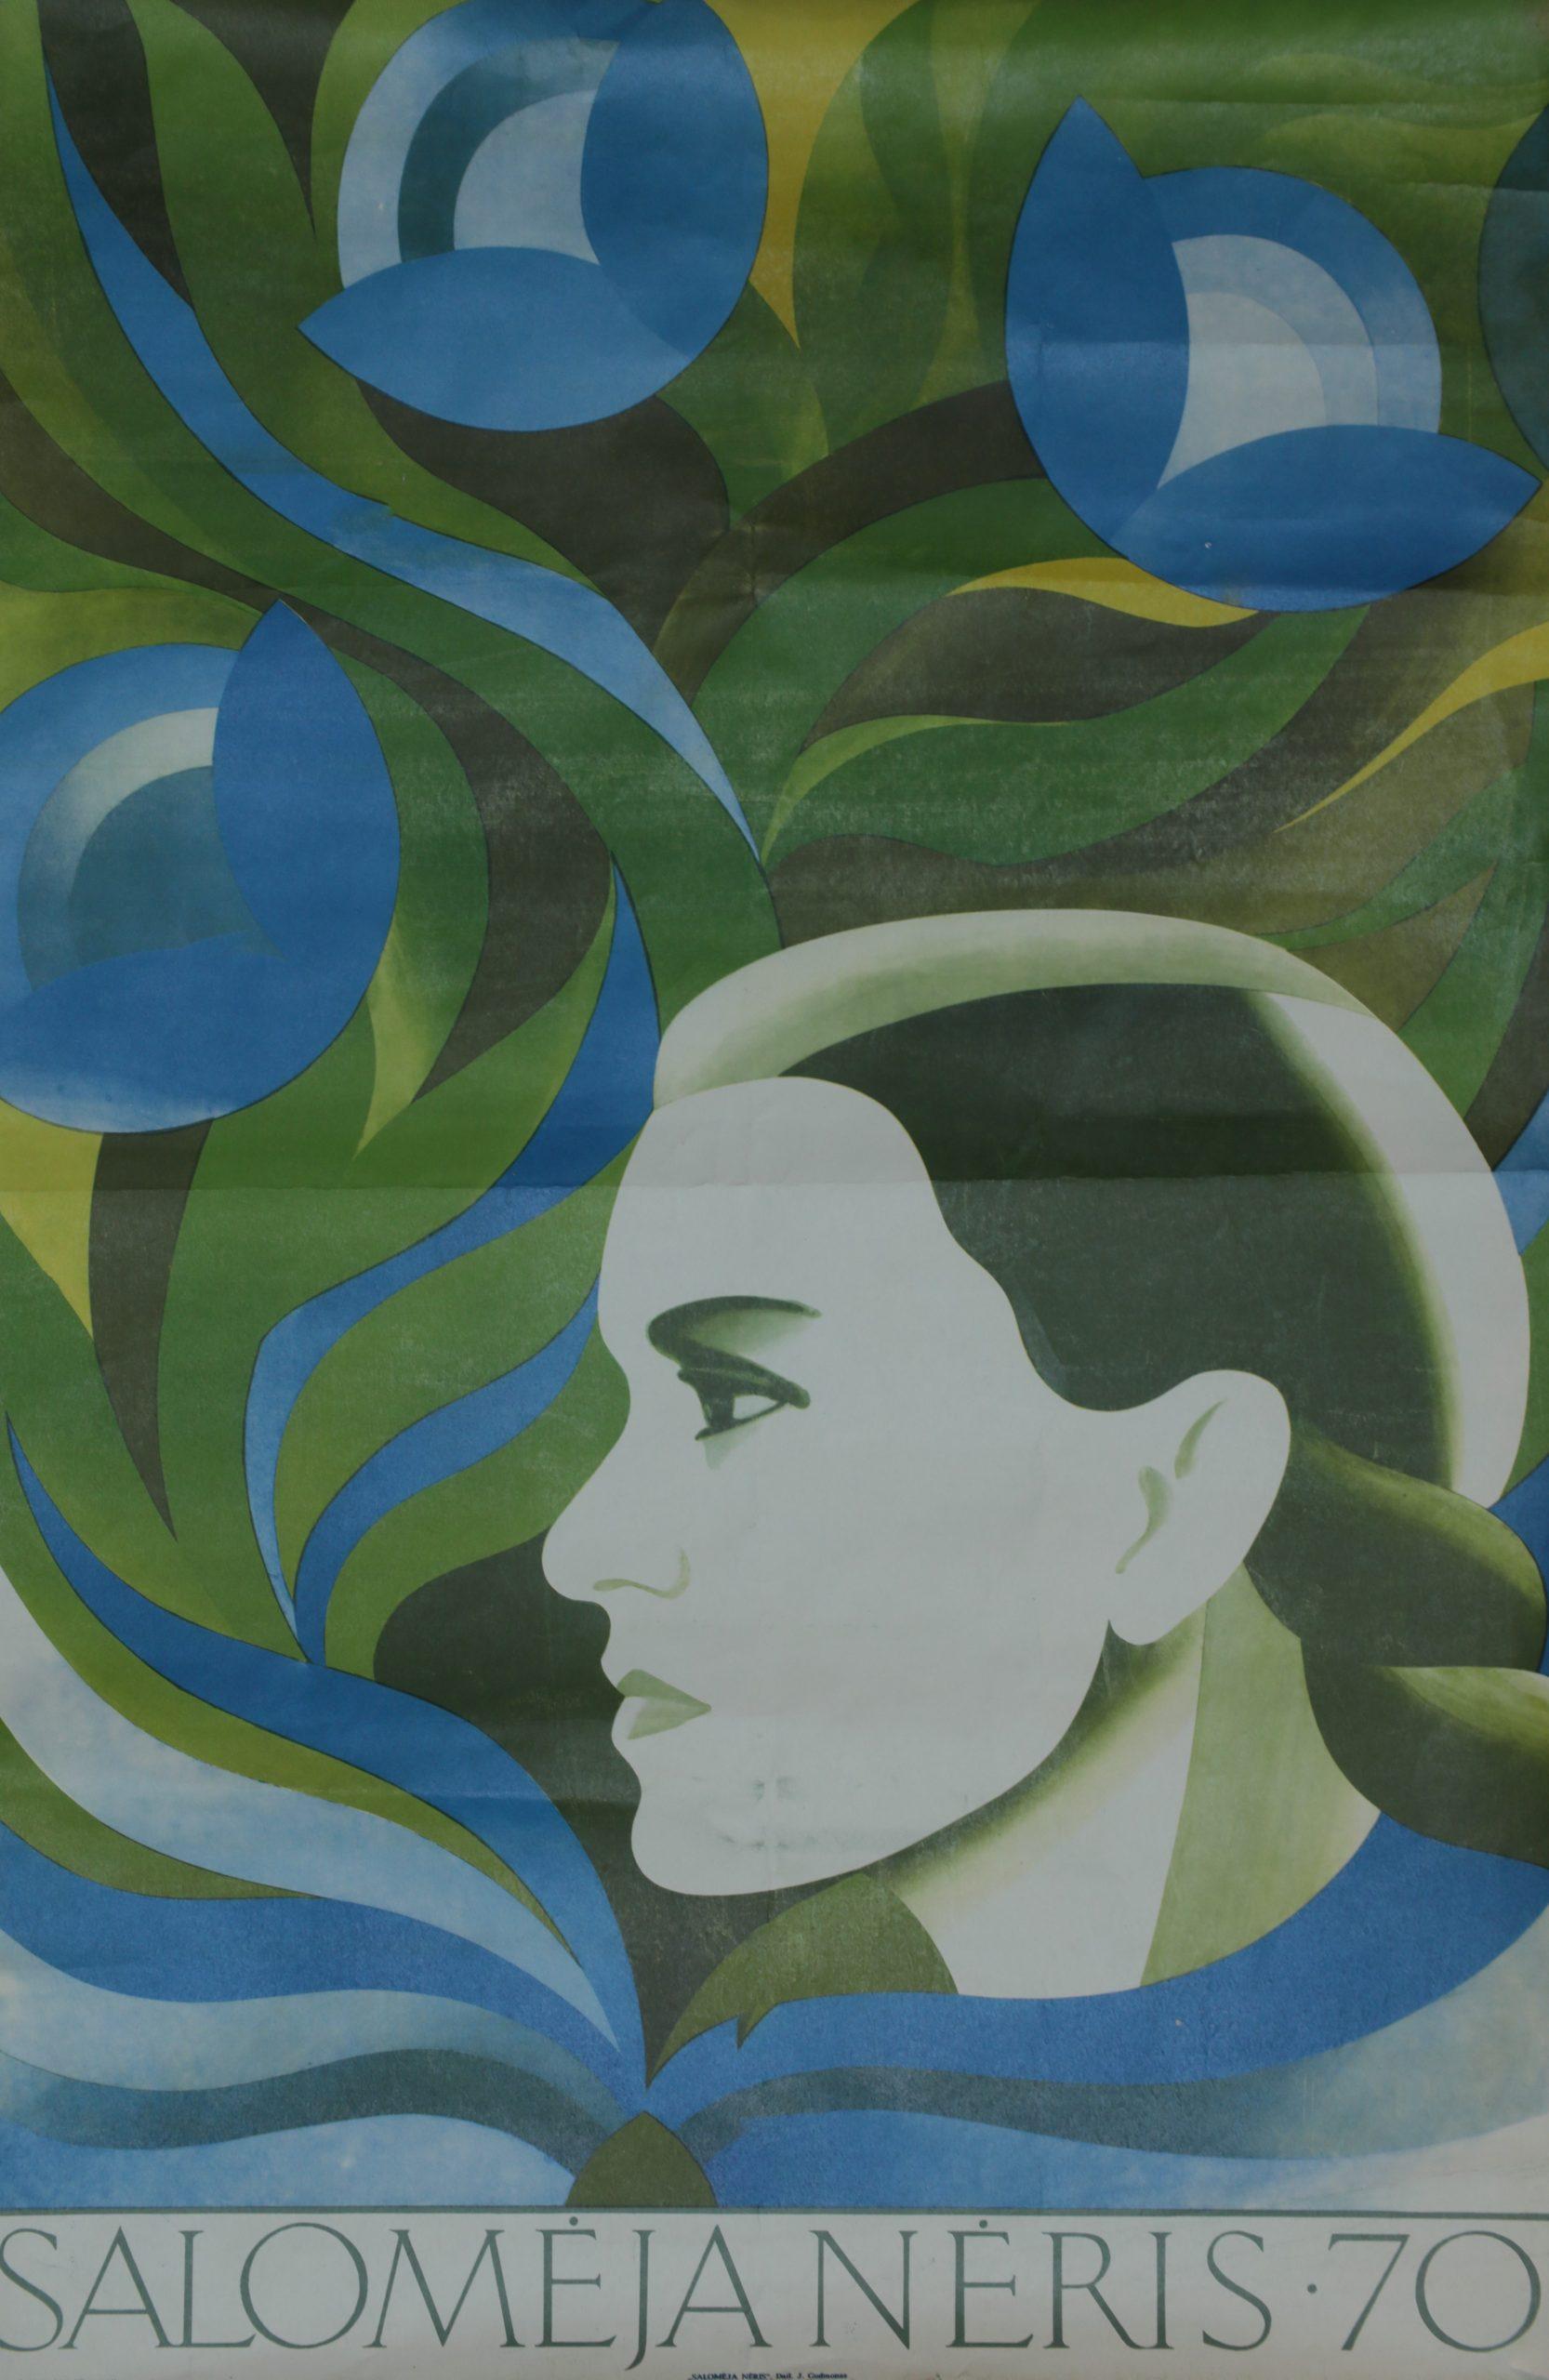 Salomėja Nėris 70, plakato dailininkas J. Gudmonas, 1974 m.